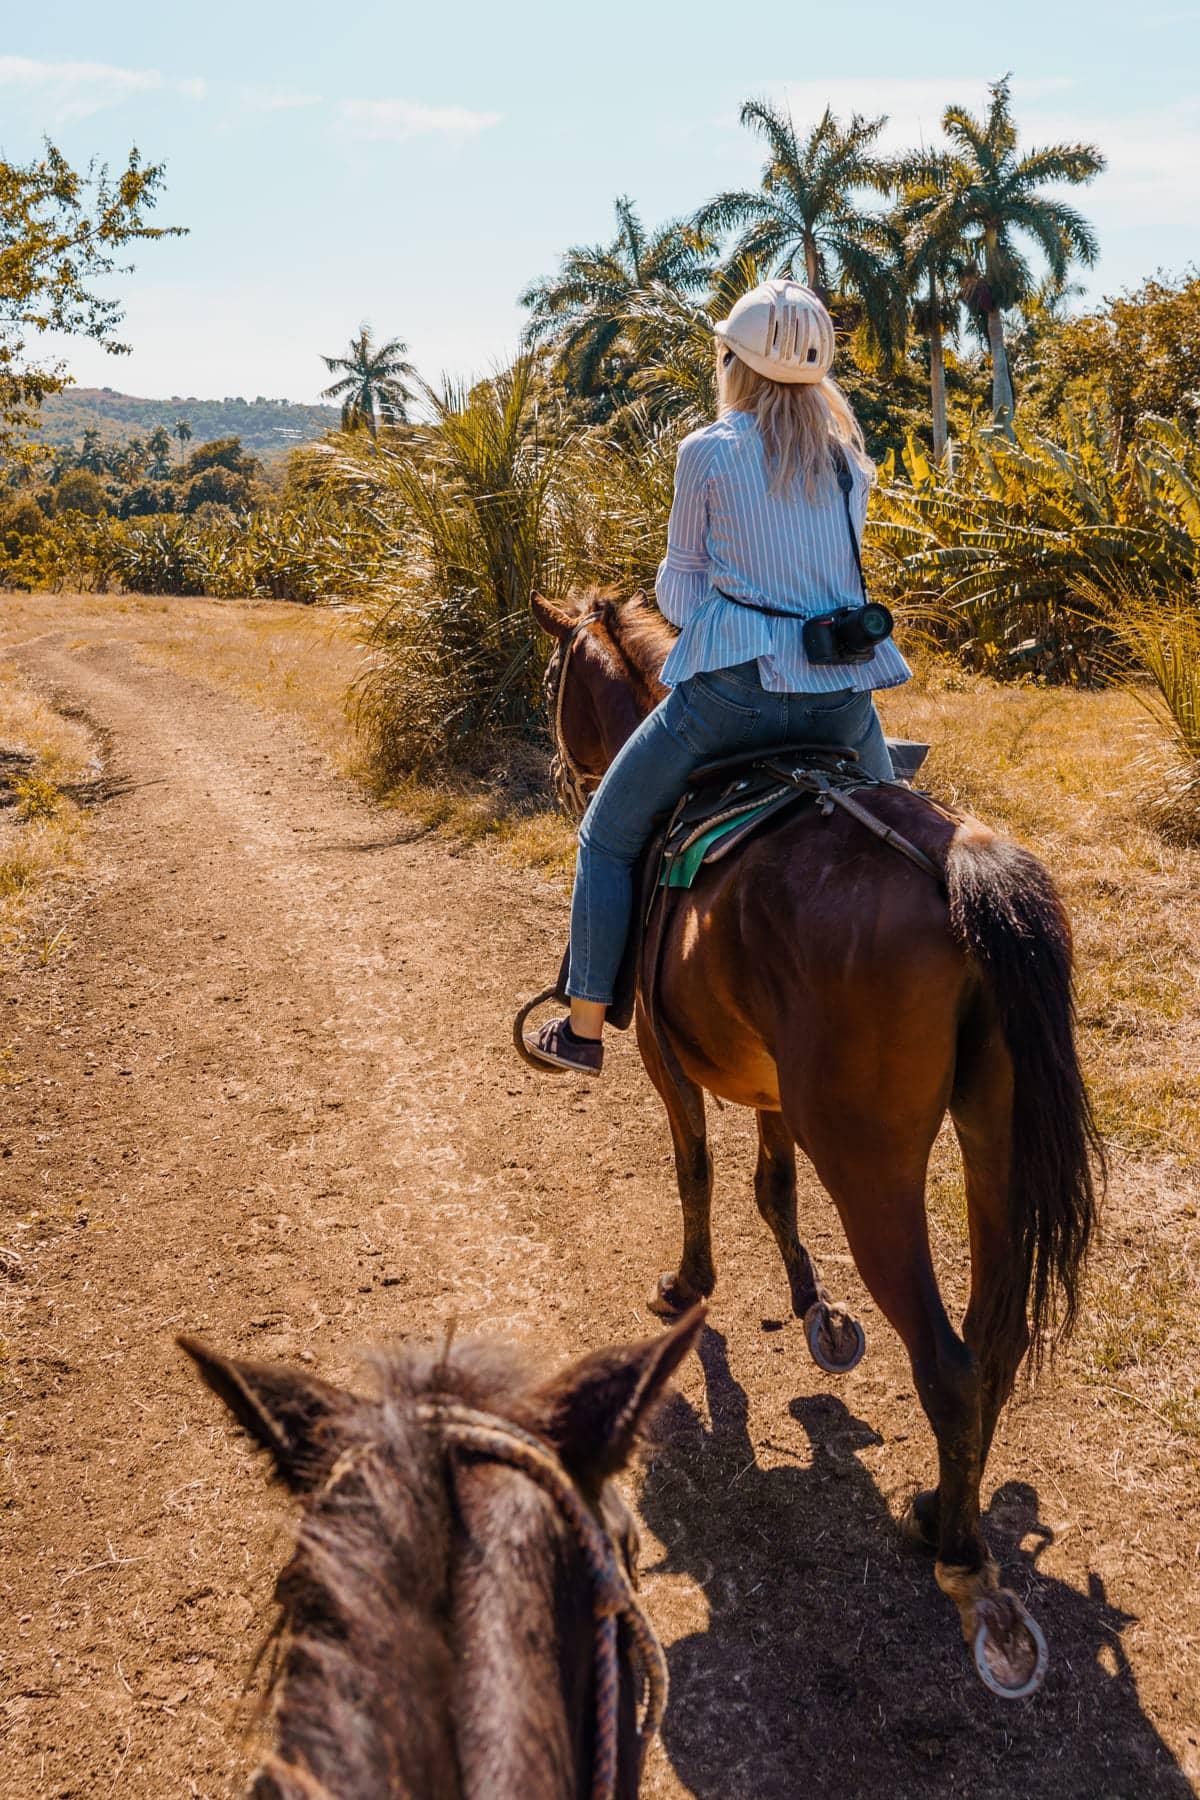 Reisetipps für Trinidad auf Kuba: Valle de los ingenios